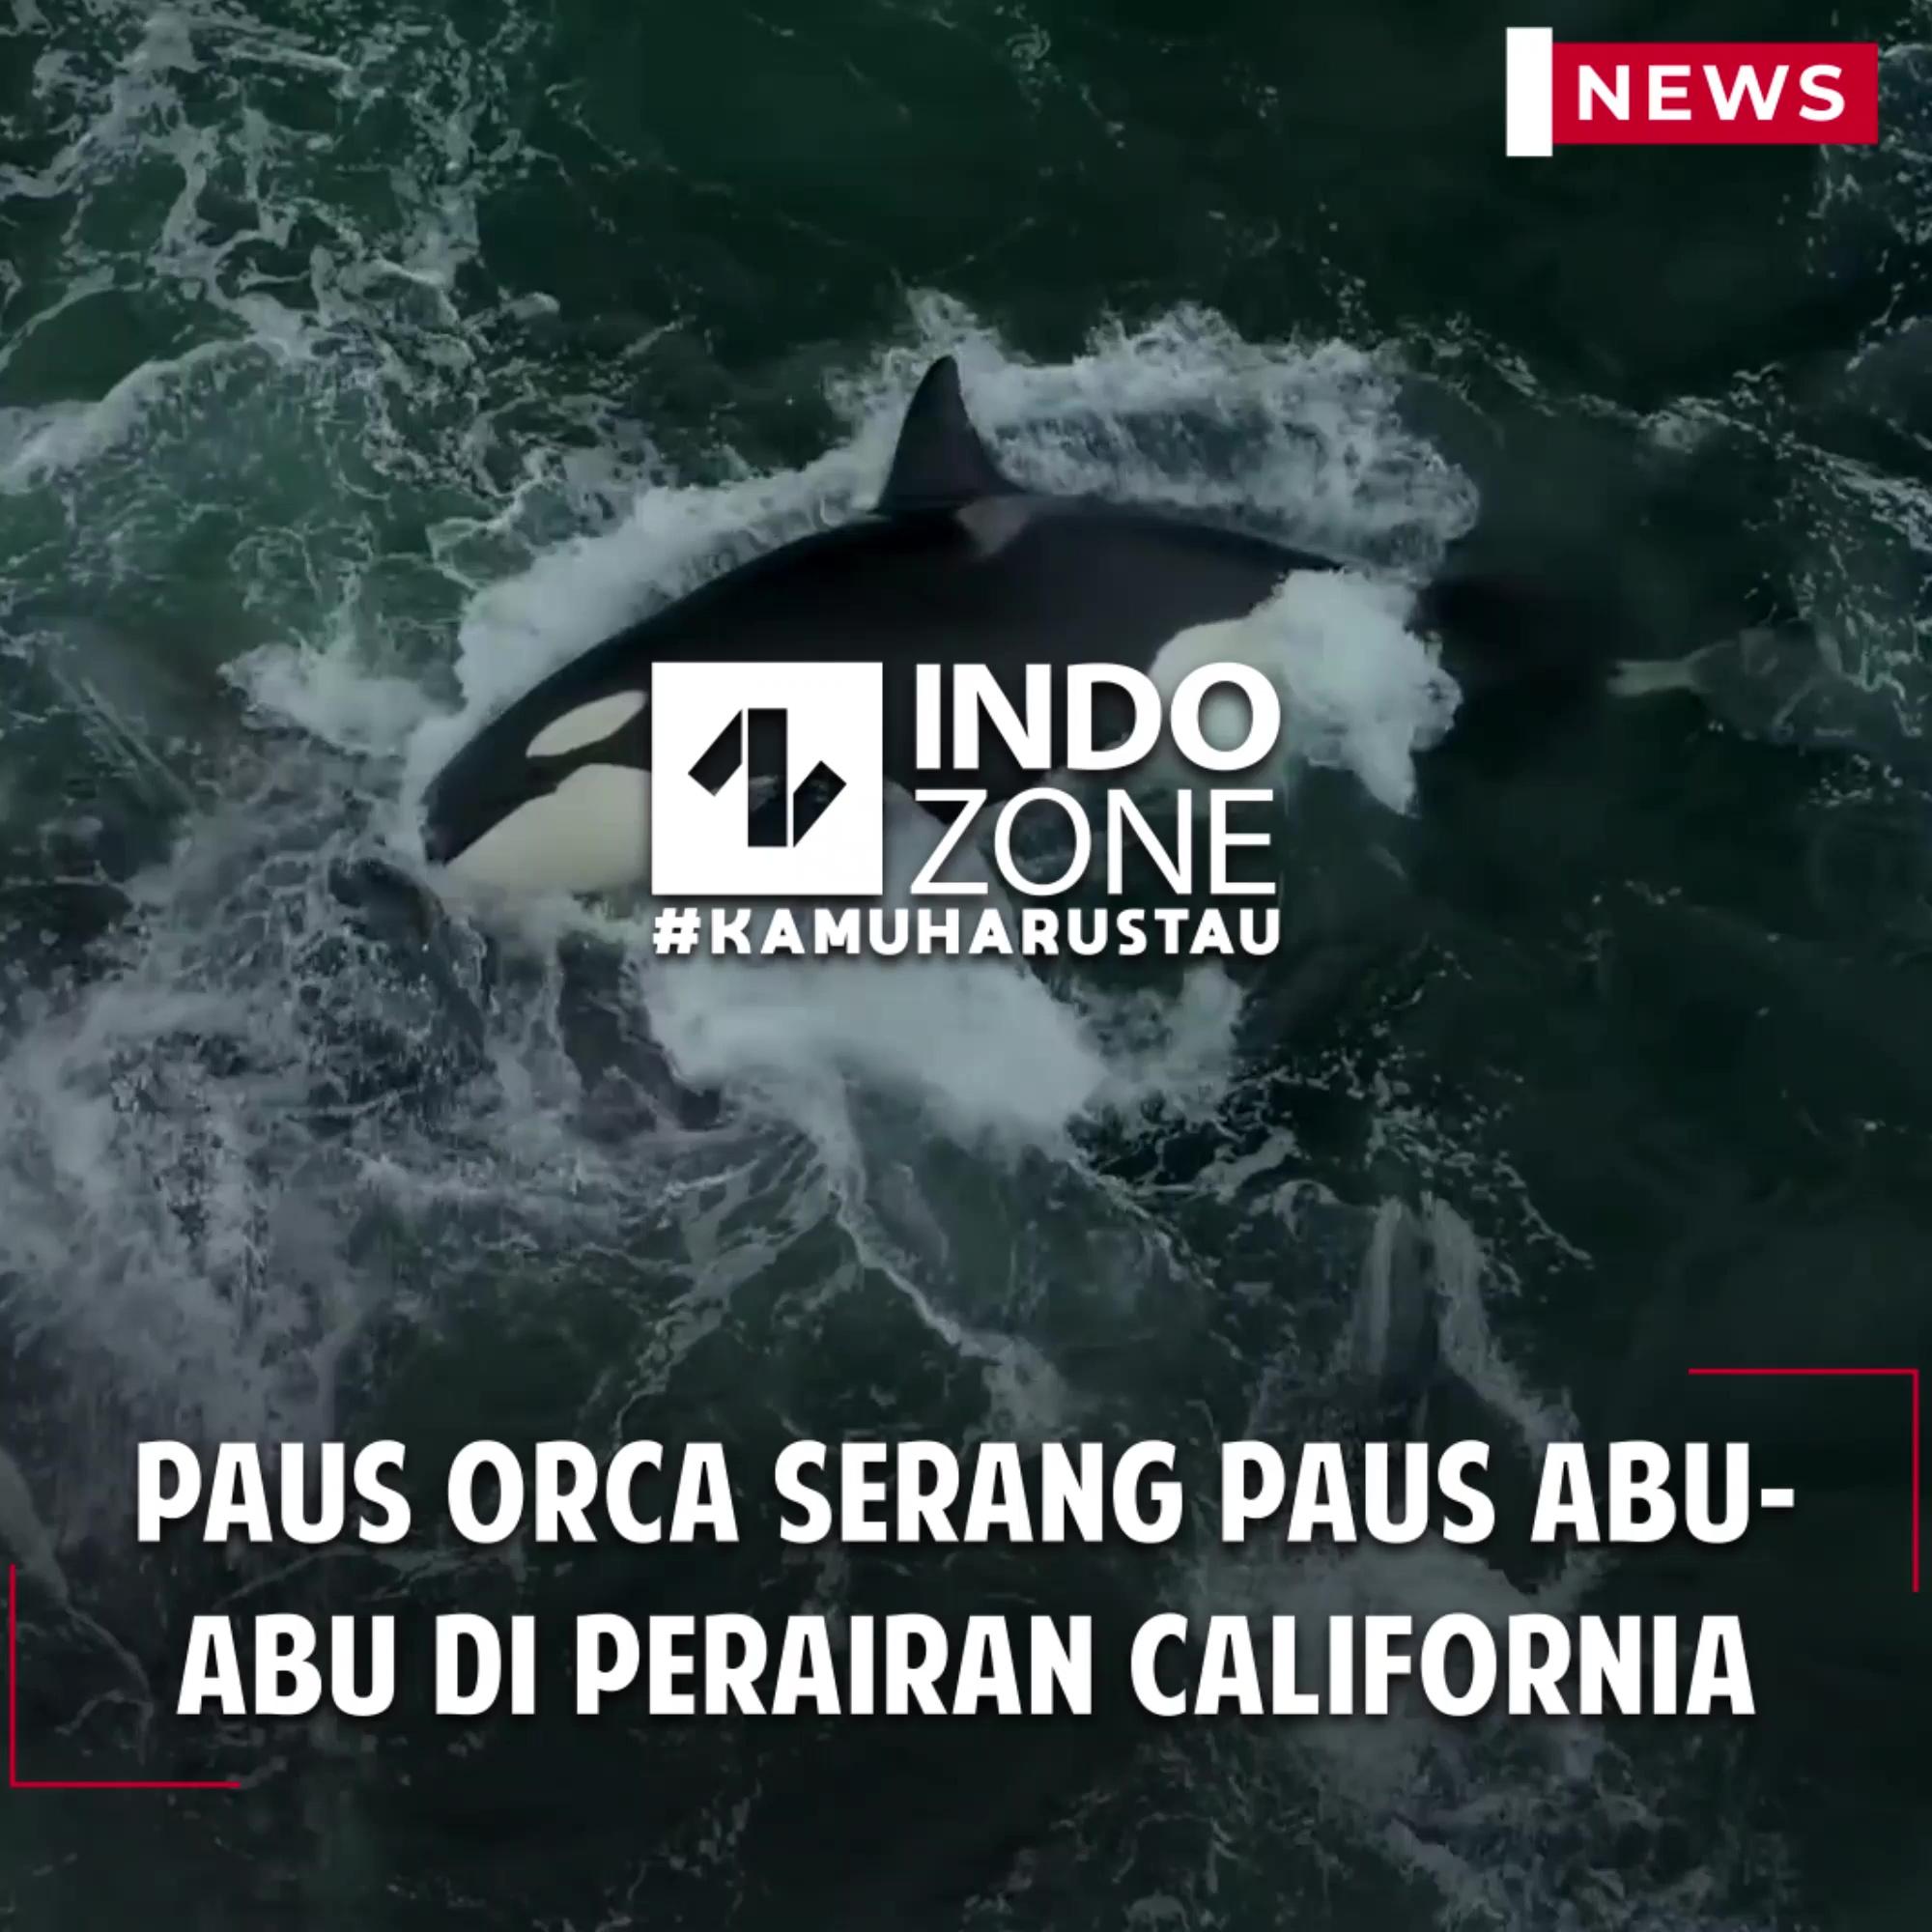 Paus Orca Serang Paus Abu-abu di Perairan California